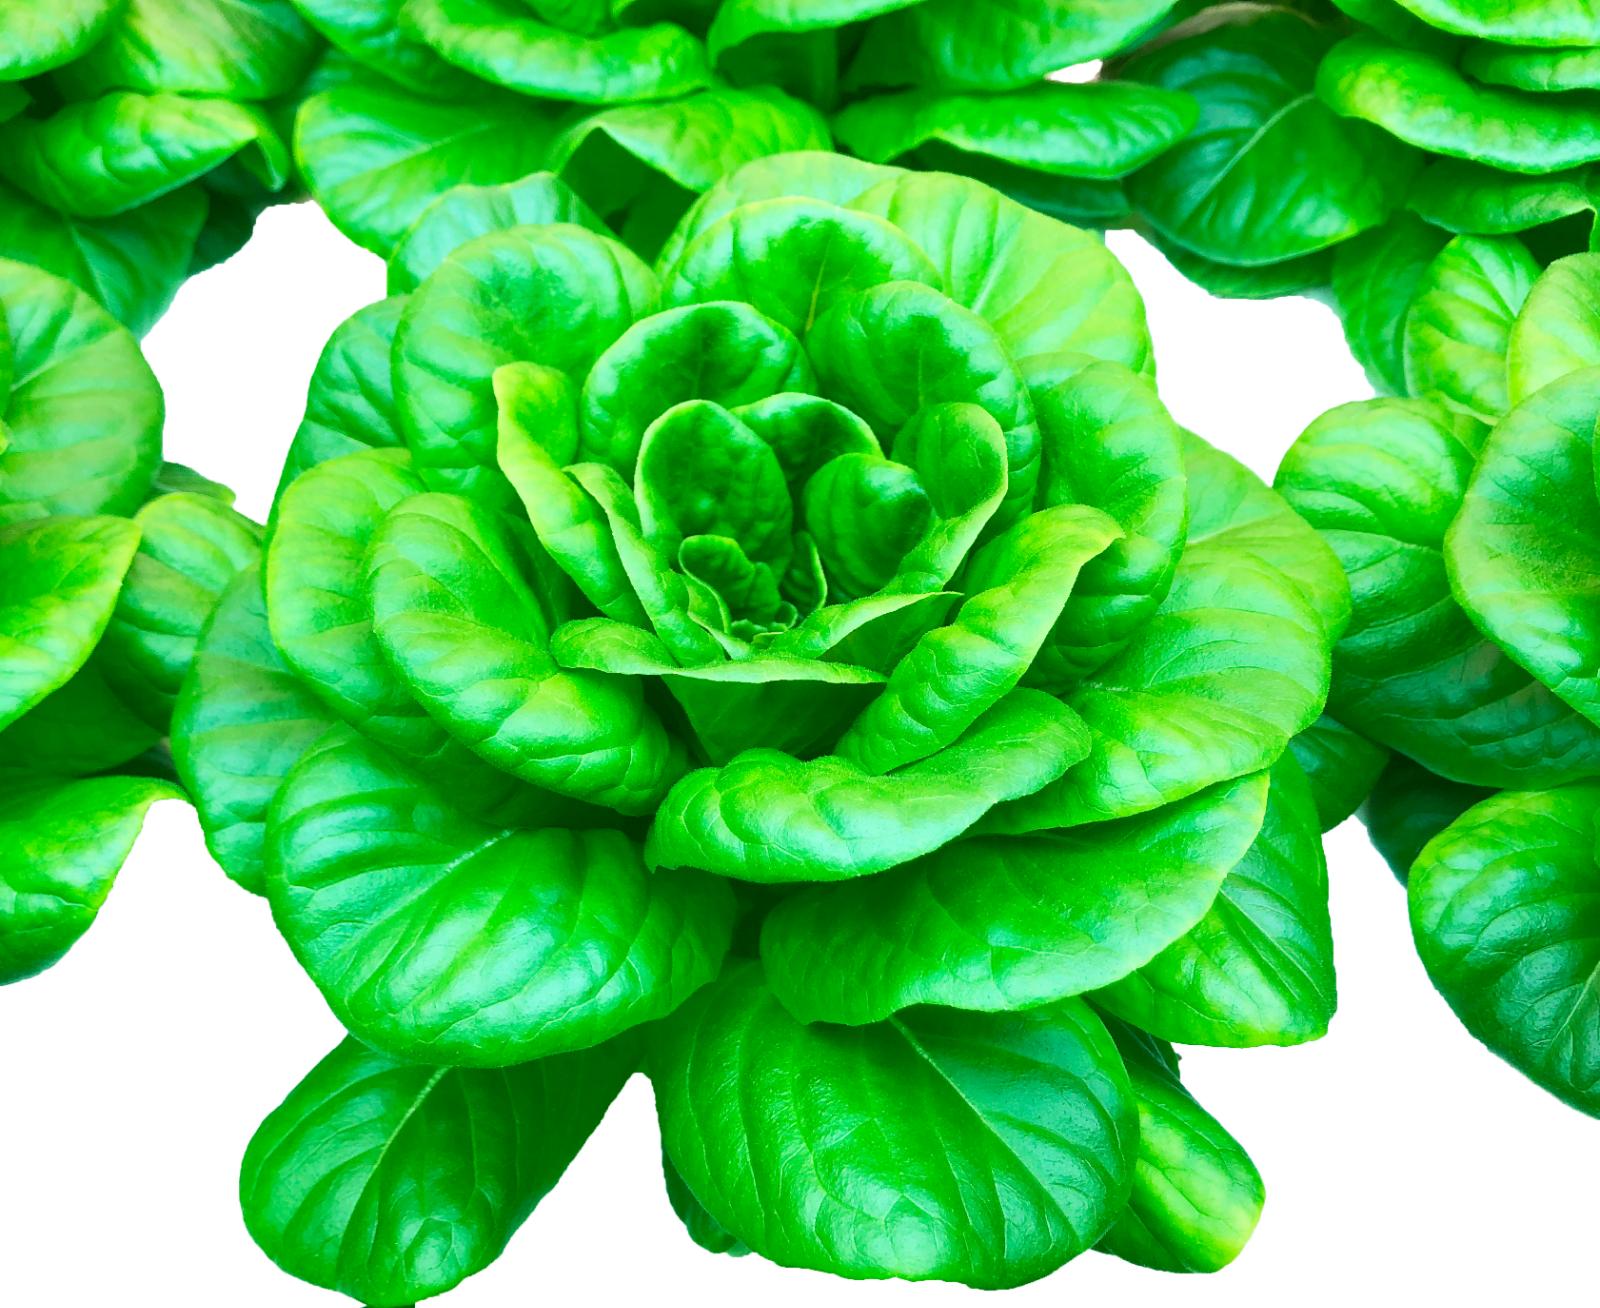 green-butter-lettuce-head-1